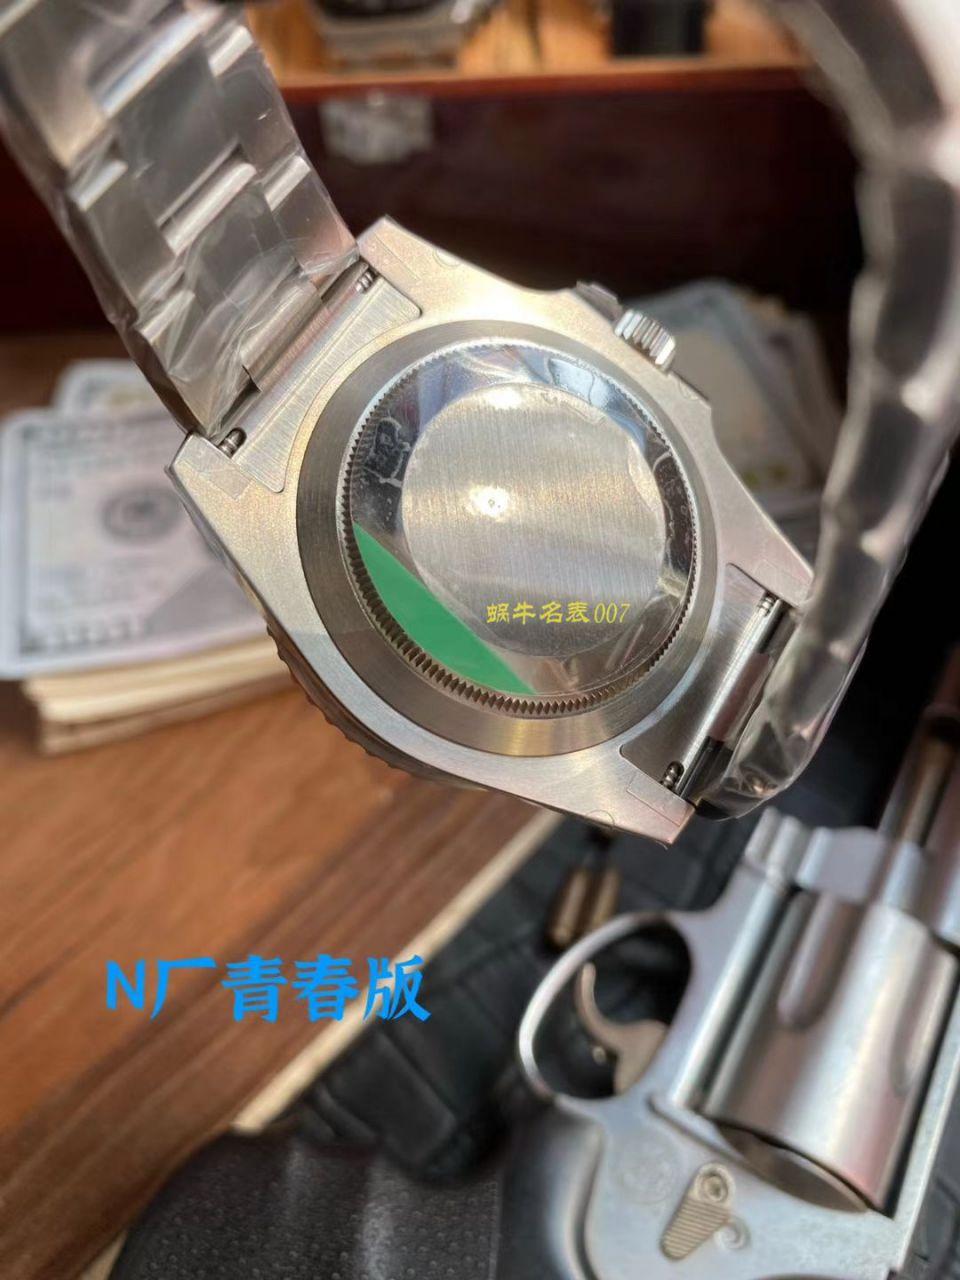 【视频评测】N厂青春版劳力士绿水鬼手表 / R650